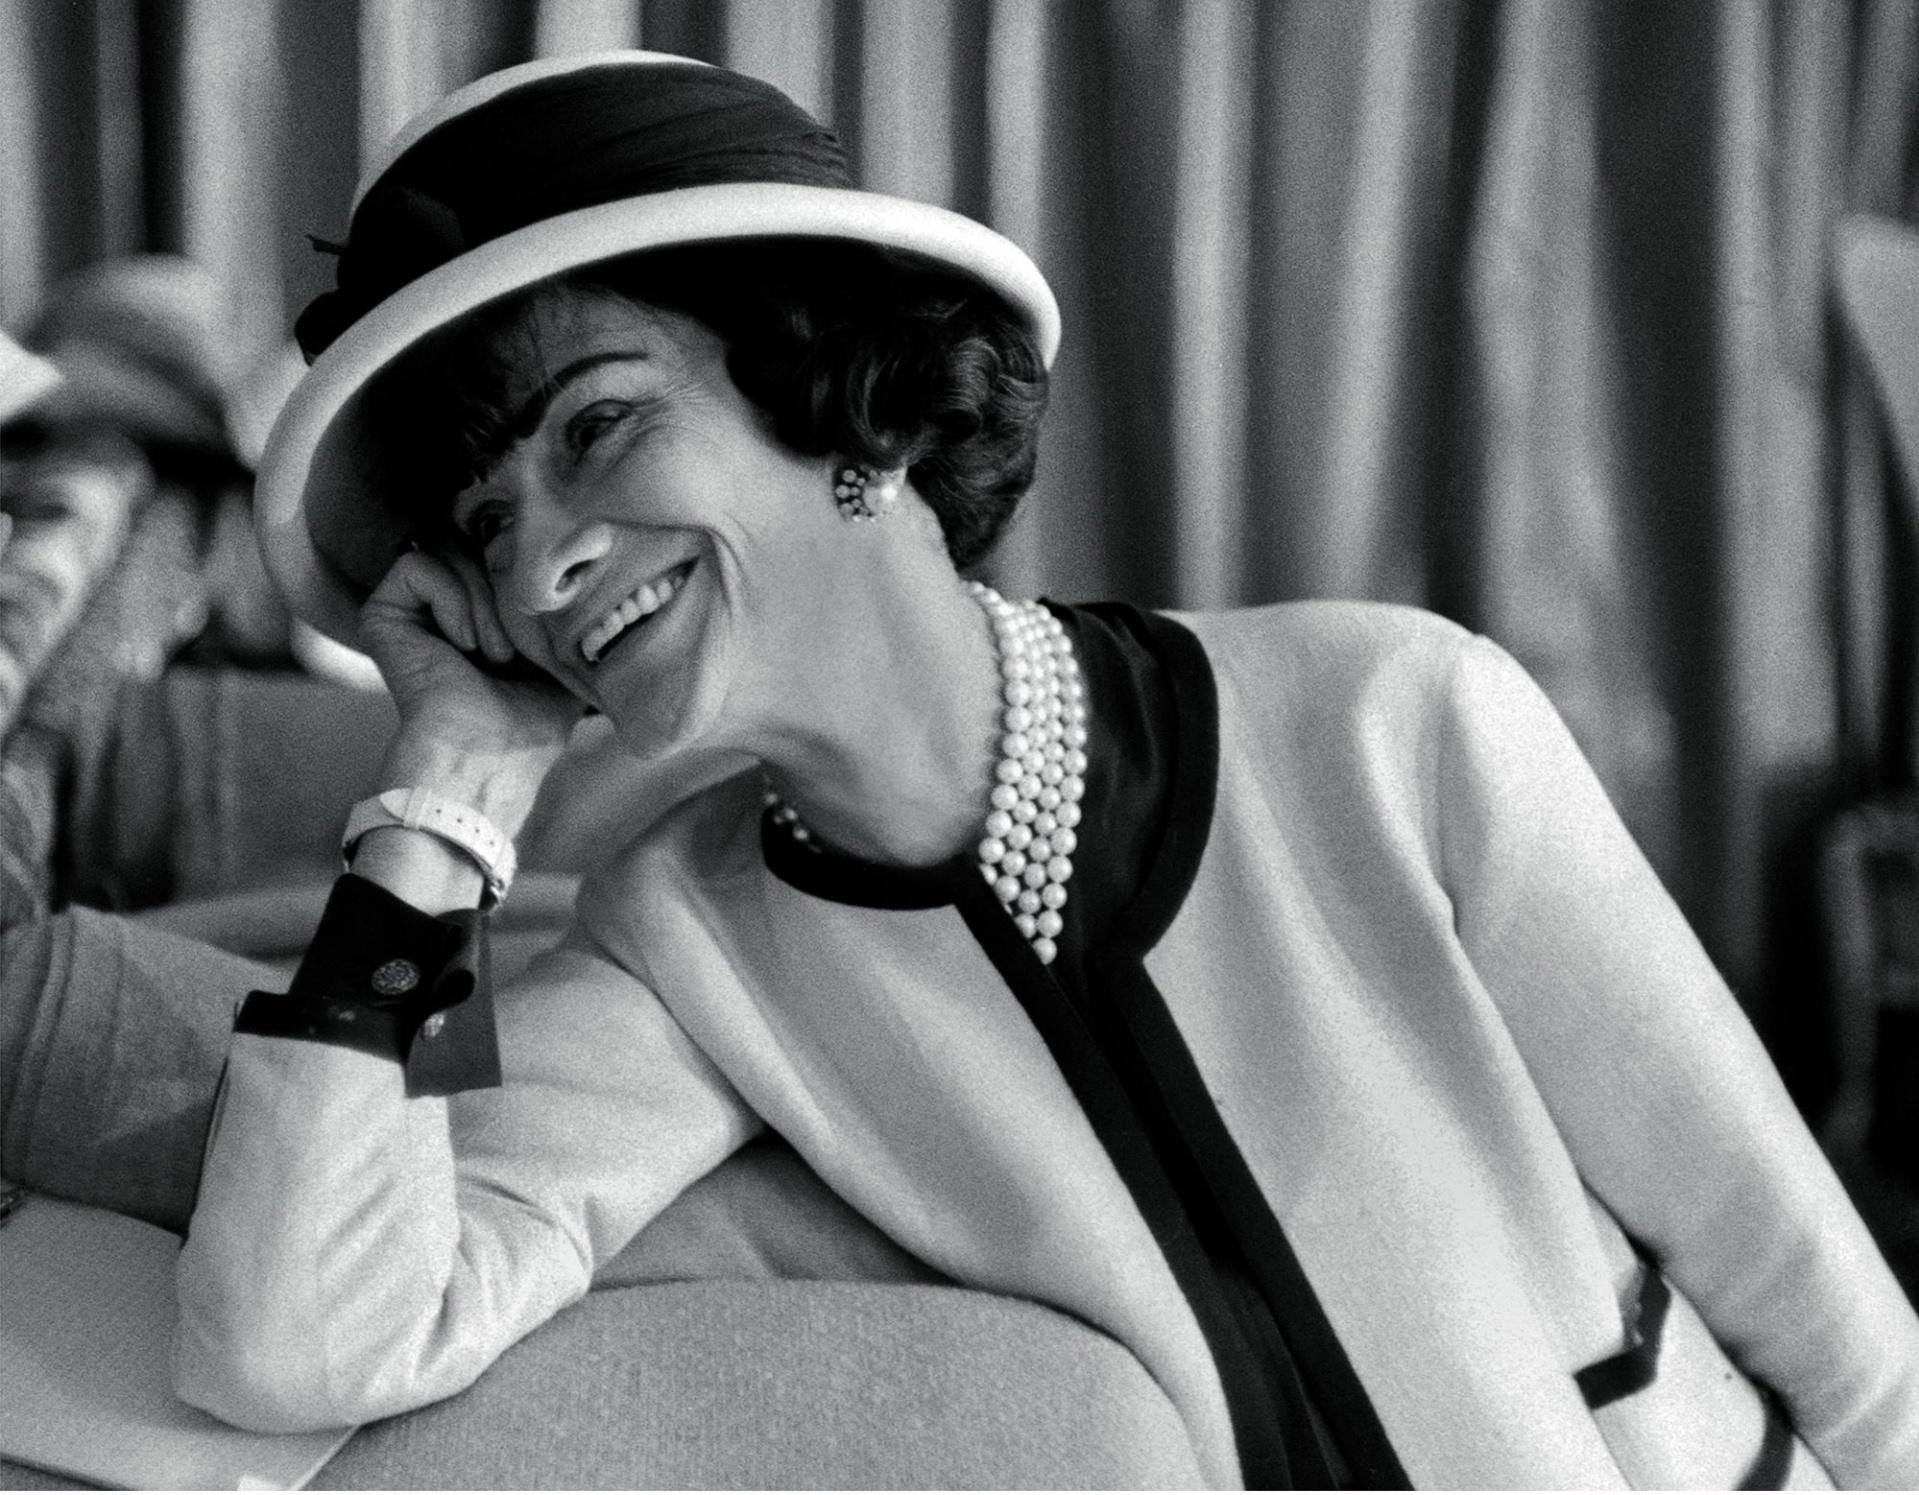 Fotó: Douglas Kirkland: Coco Chanel a nappalija kanapéján Párizs, 1962 © Douglas Kirkland/Photo Op